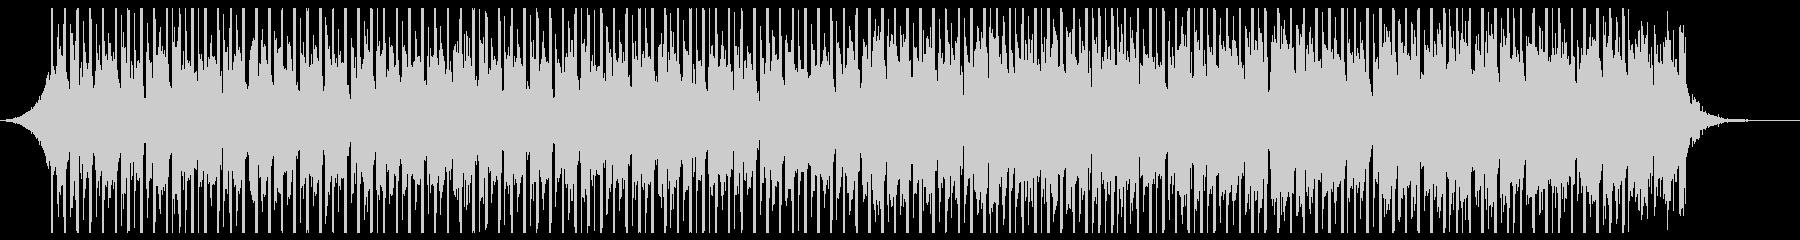 テクノロジーアップビート(60秒)の未再生の波形